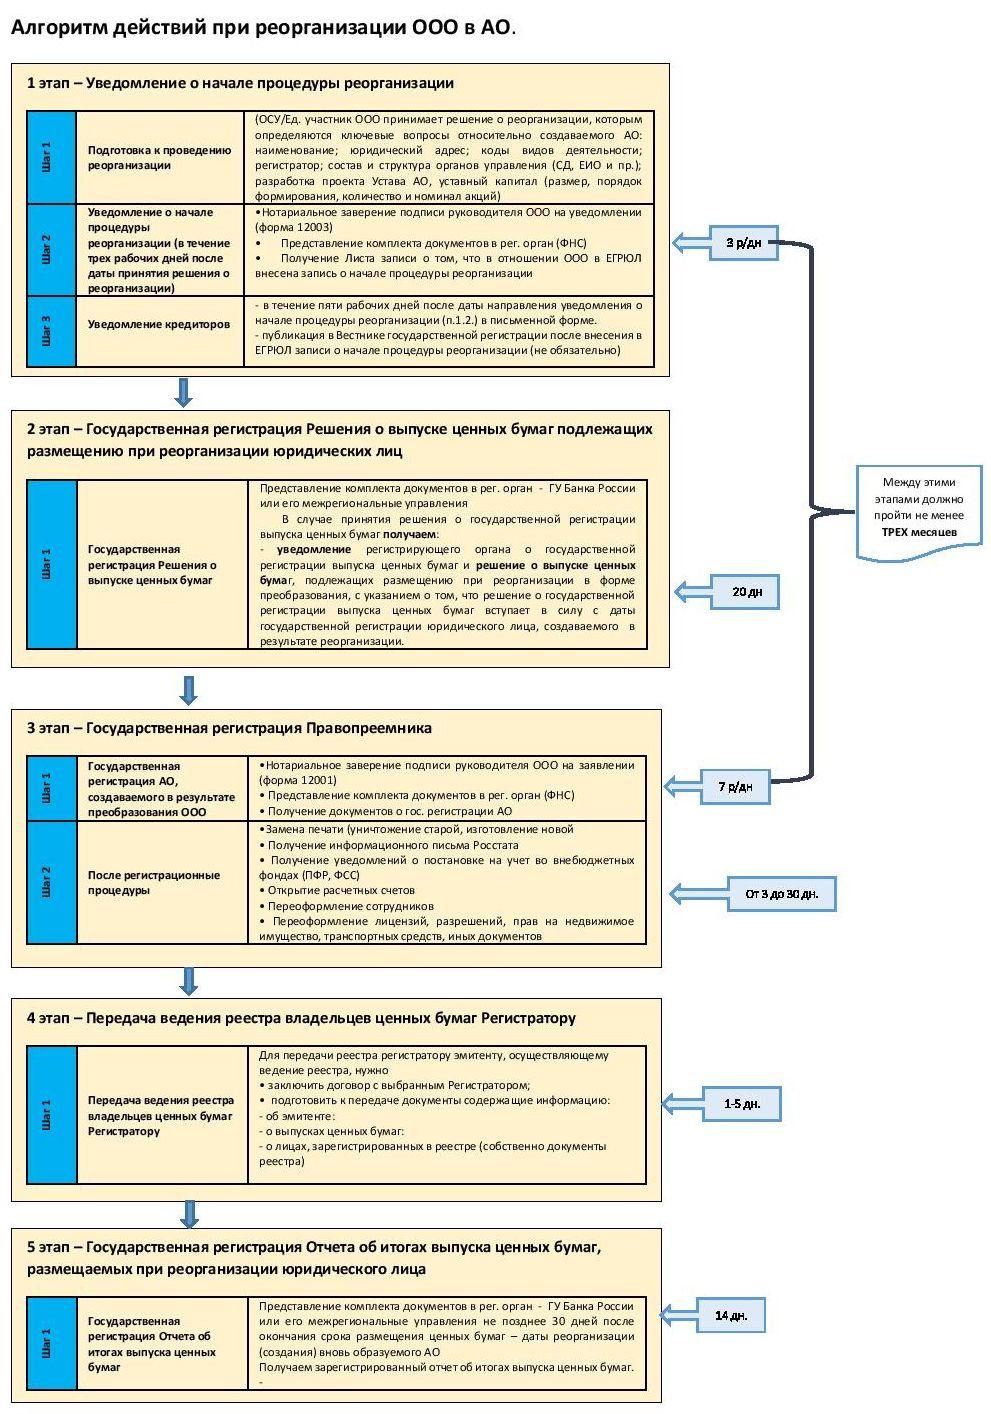 пакет документов для регистрации ооо при одном учредителе